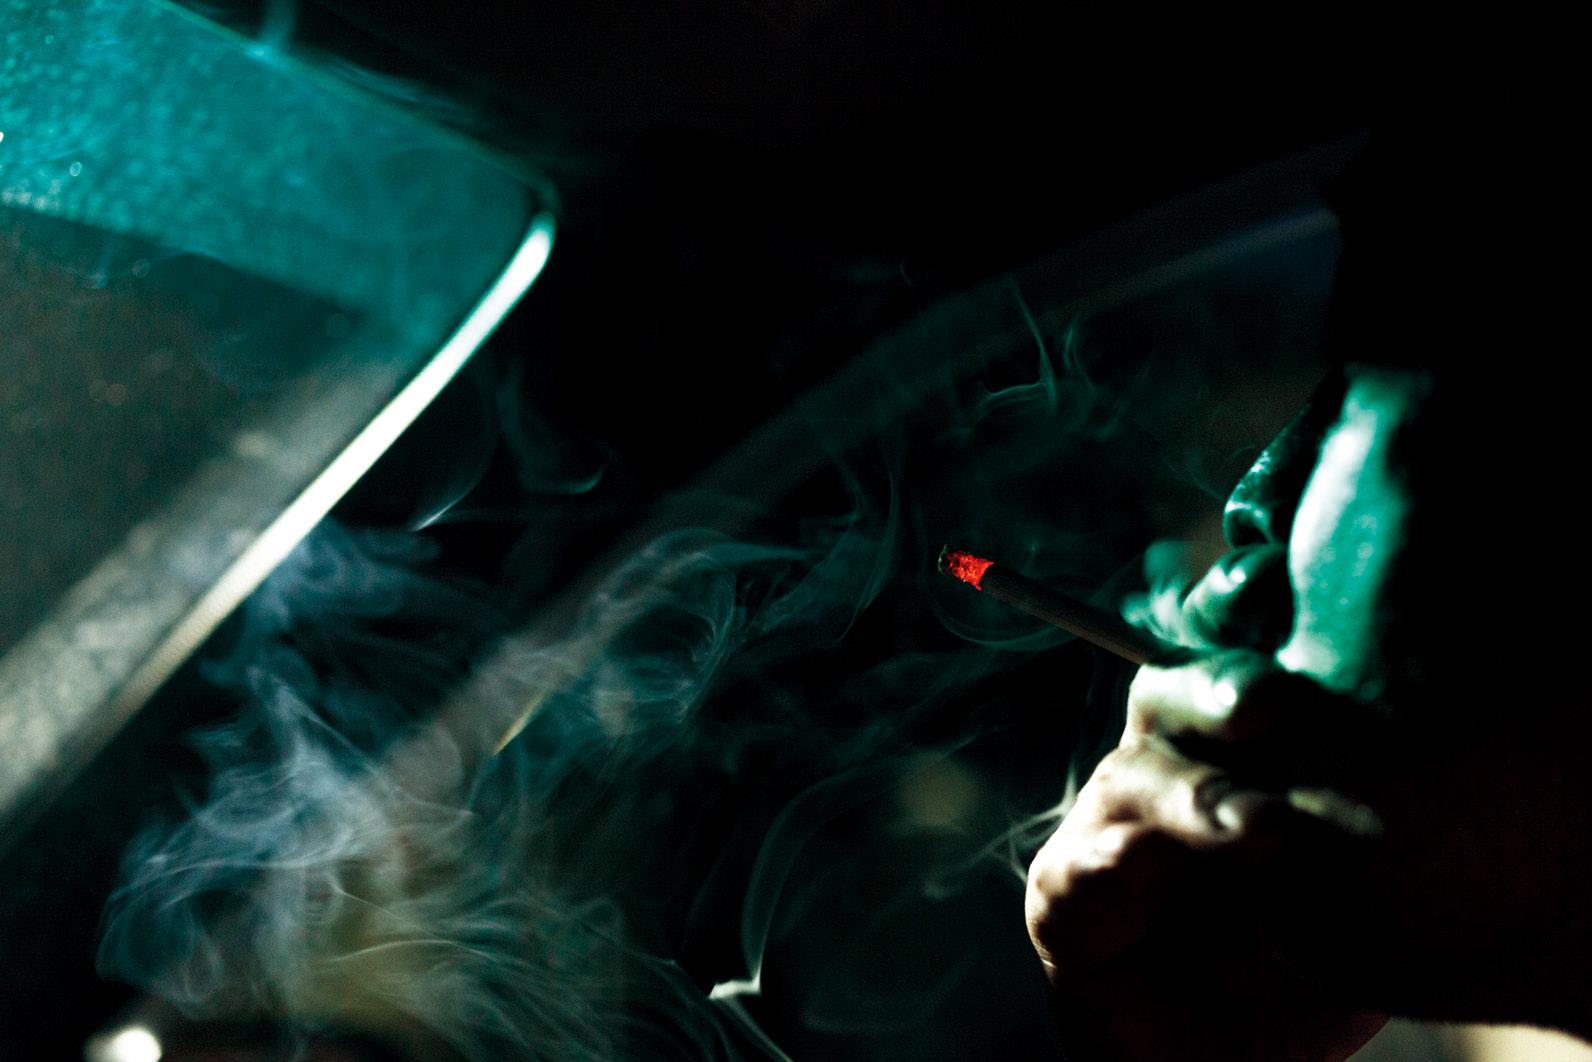 「煙」は逆光と背景を使って存在感を出すのがコツ